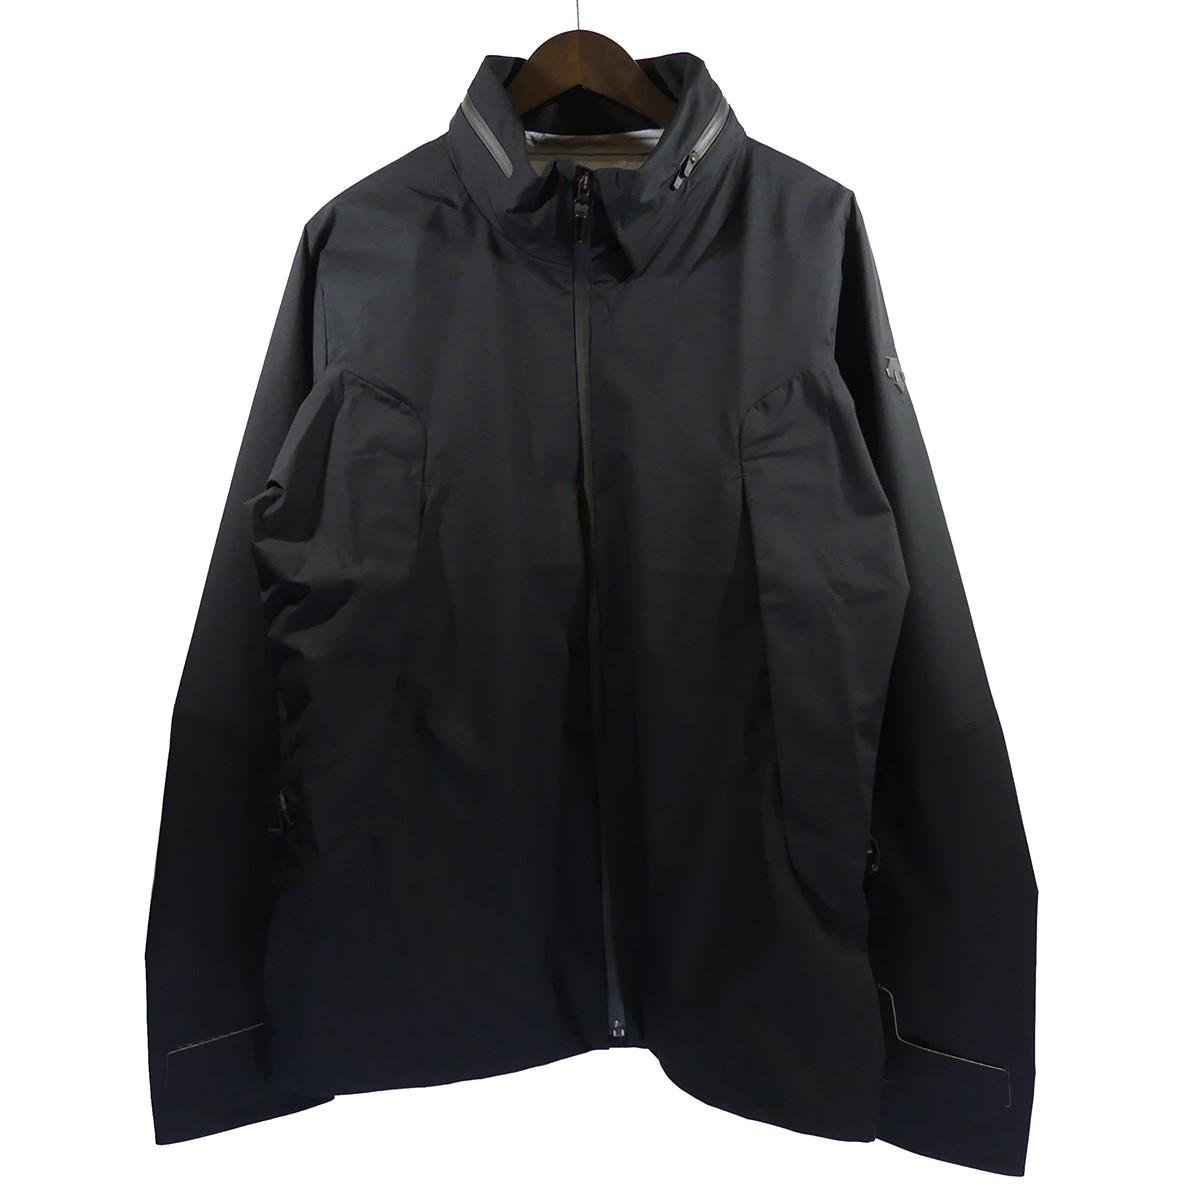 【中古】DESCENTE ALLTERRAINS.I.O.HARD SHELL JACKET ハードシェルジャケット ブラック サイズ:L 【4月27日見直し】